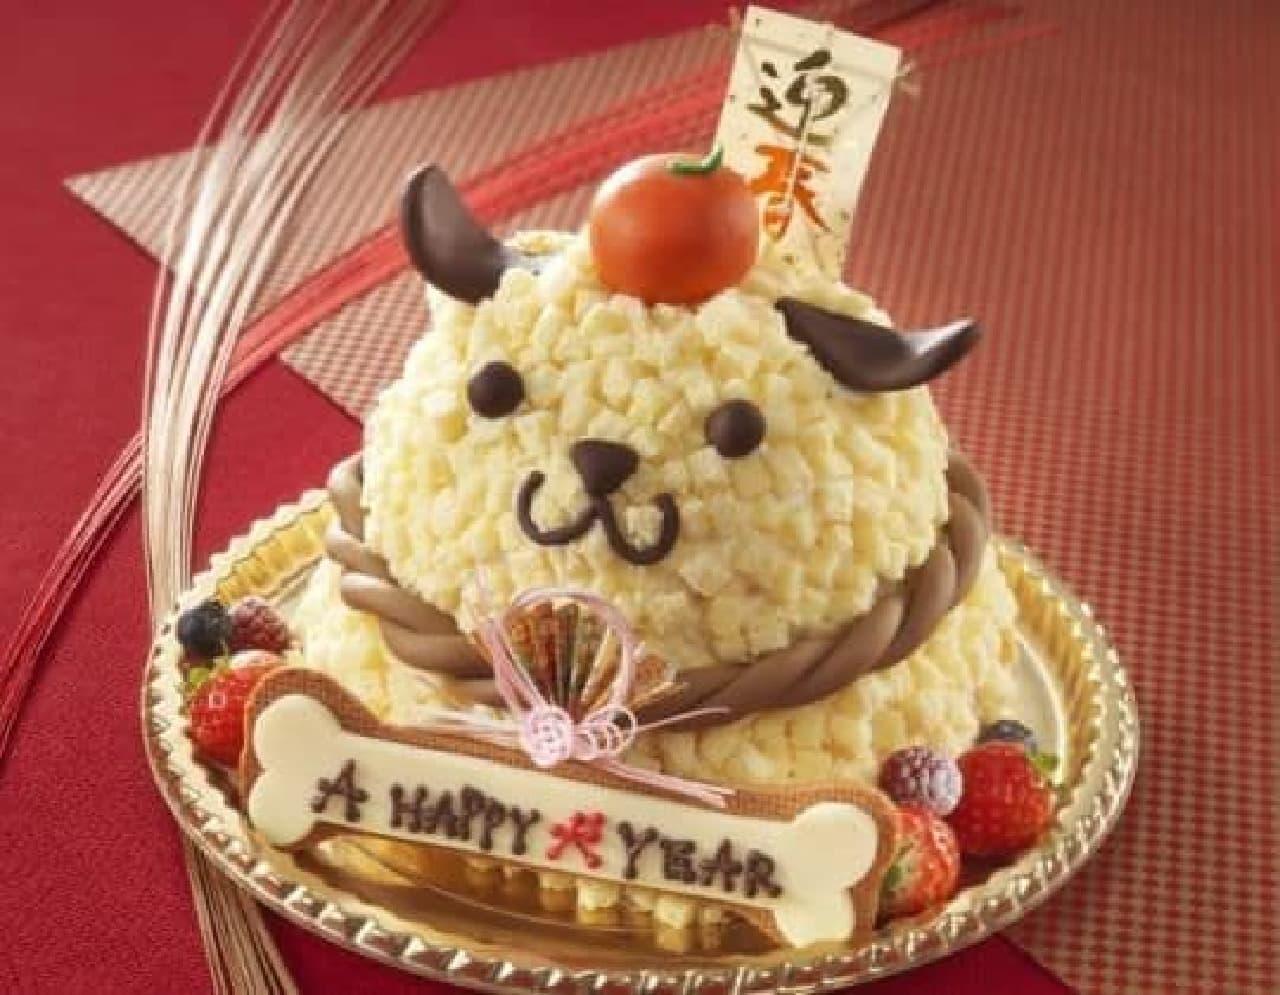 「A HAPPY 犬 YEAR」は、戌年にちなんだ愛らしい犬のケーキ